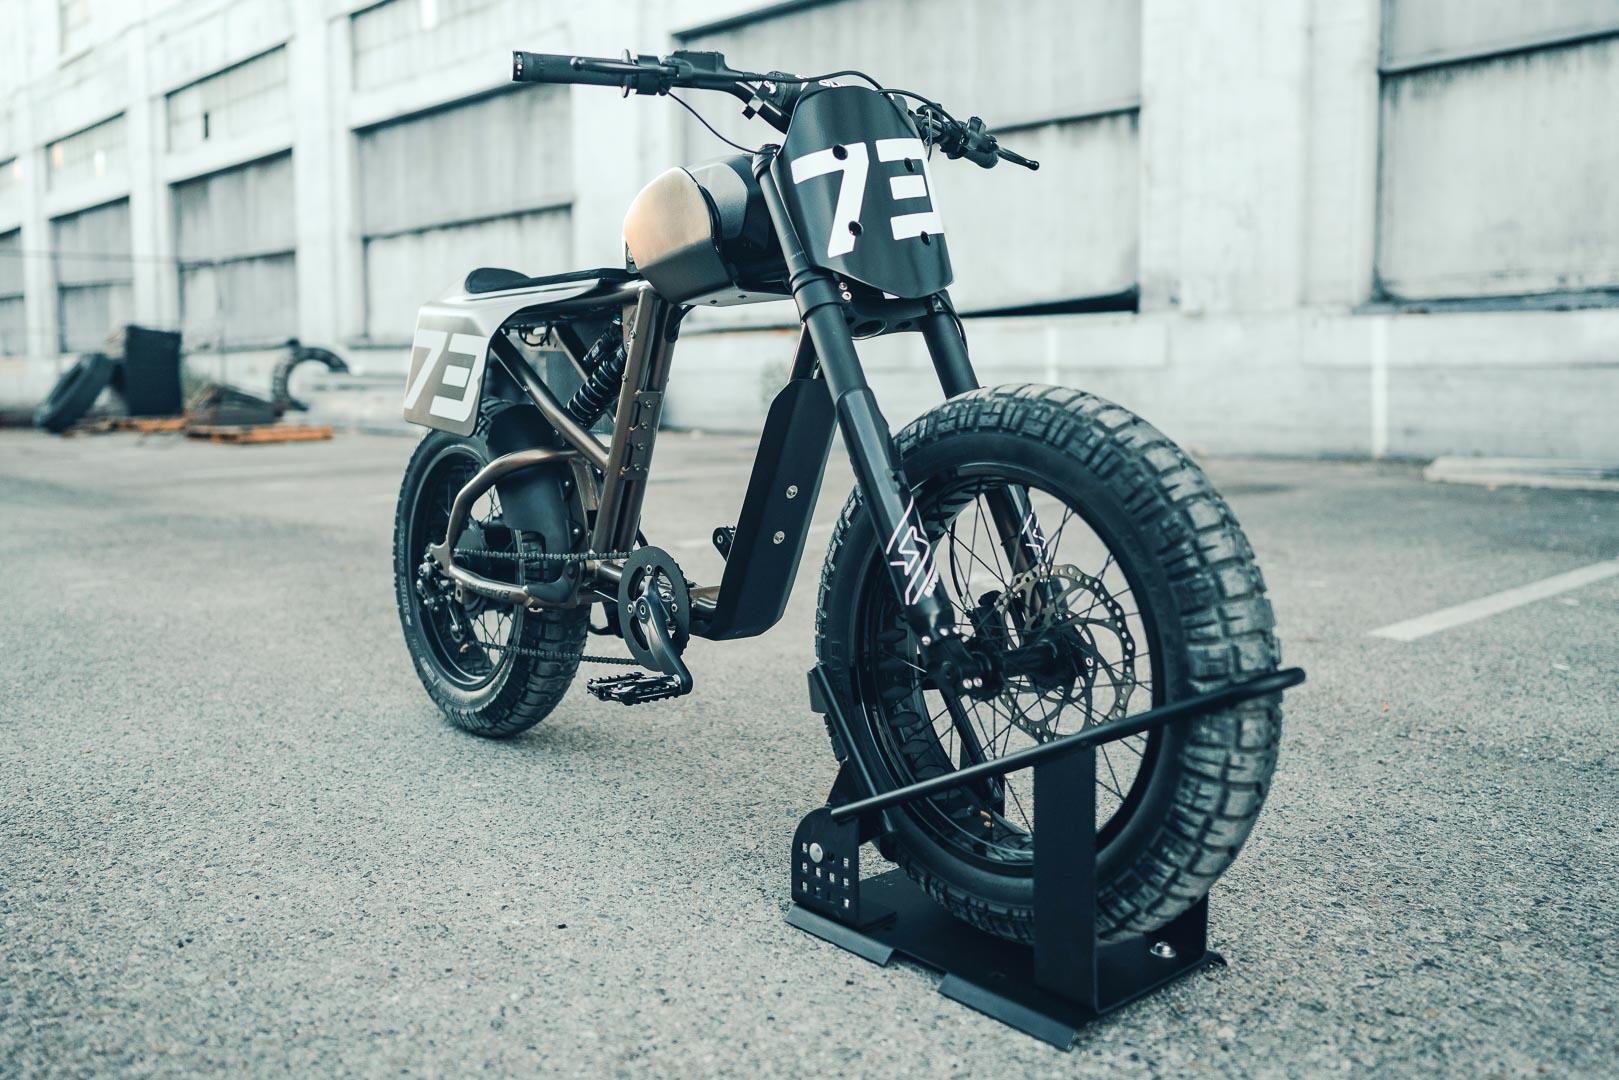 Super73 Flat Track RX: Chiếc xe đạp lai đầy táo bạo Ảnh 2